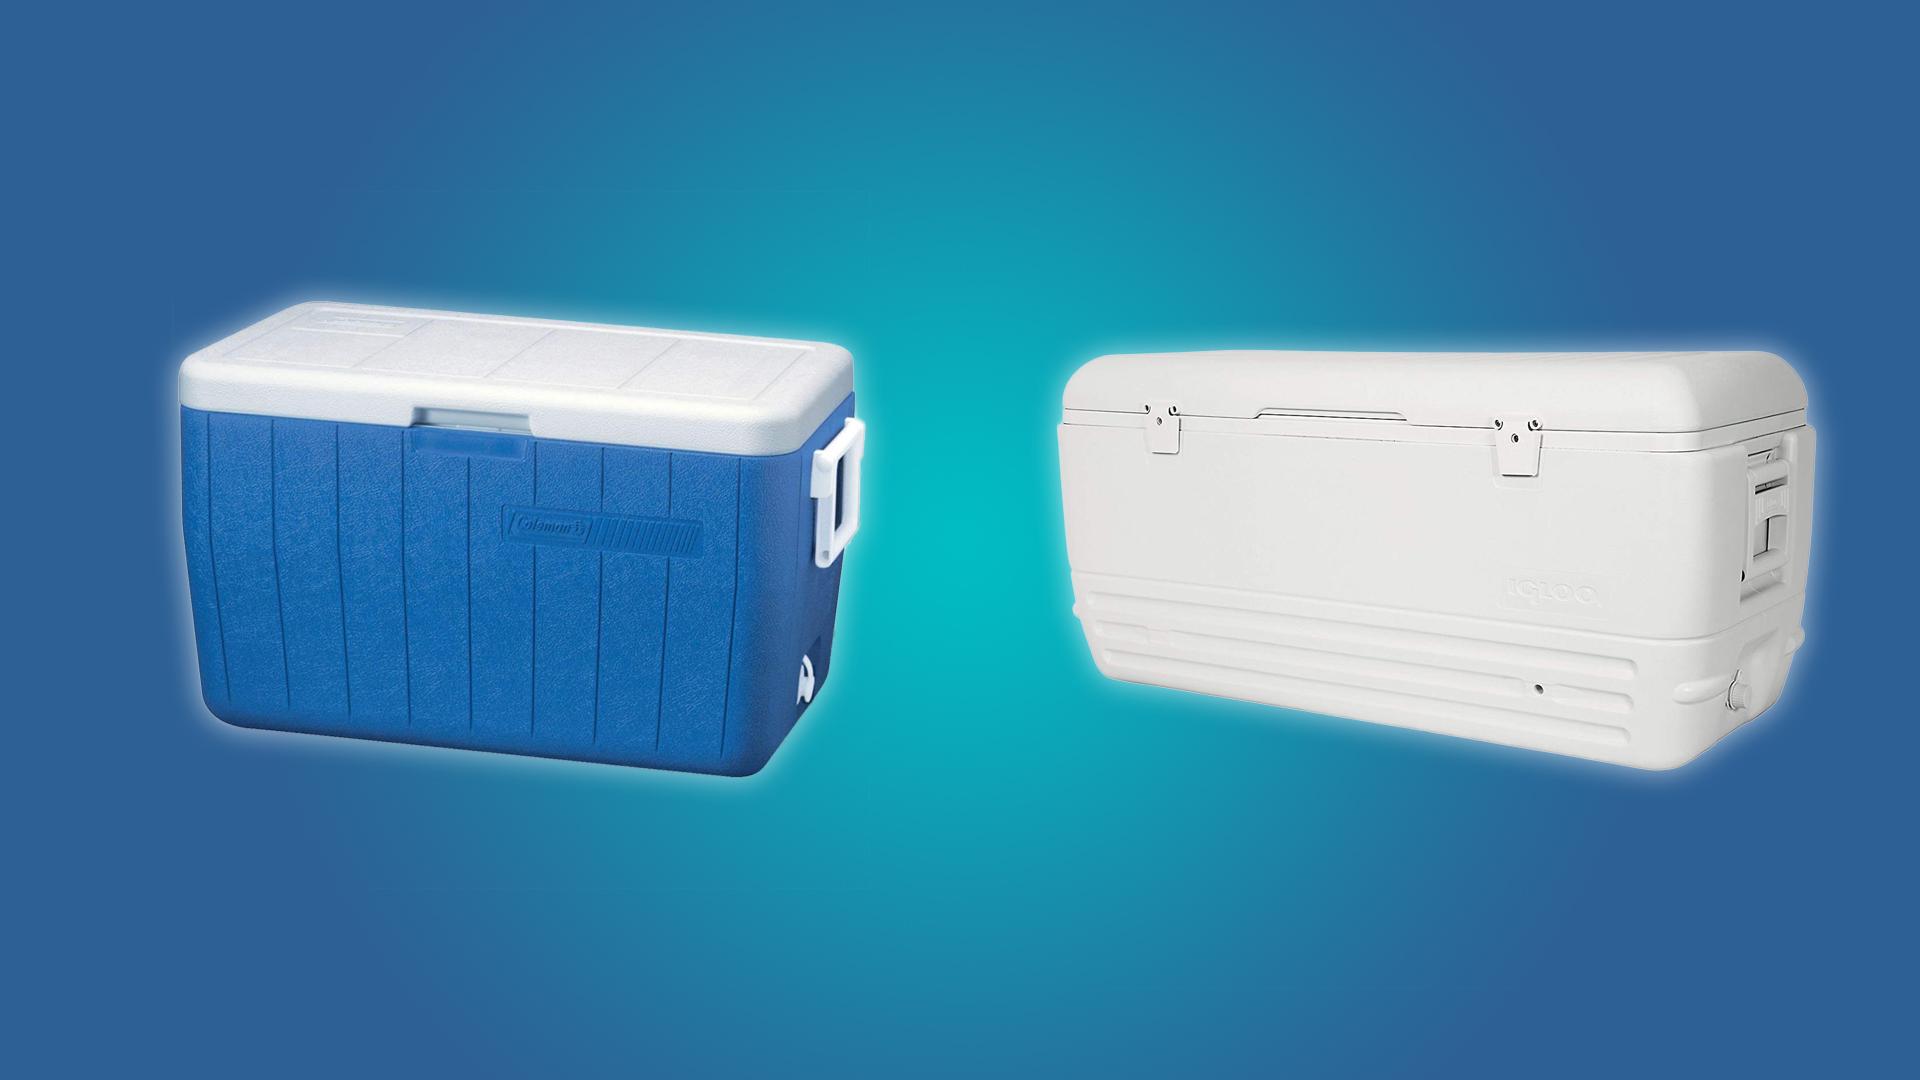 The Coleman 48qt andIgloo 150qt Coolers